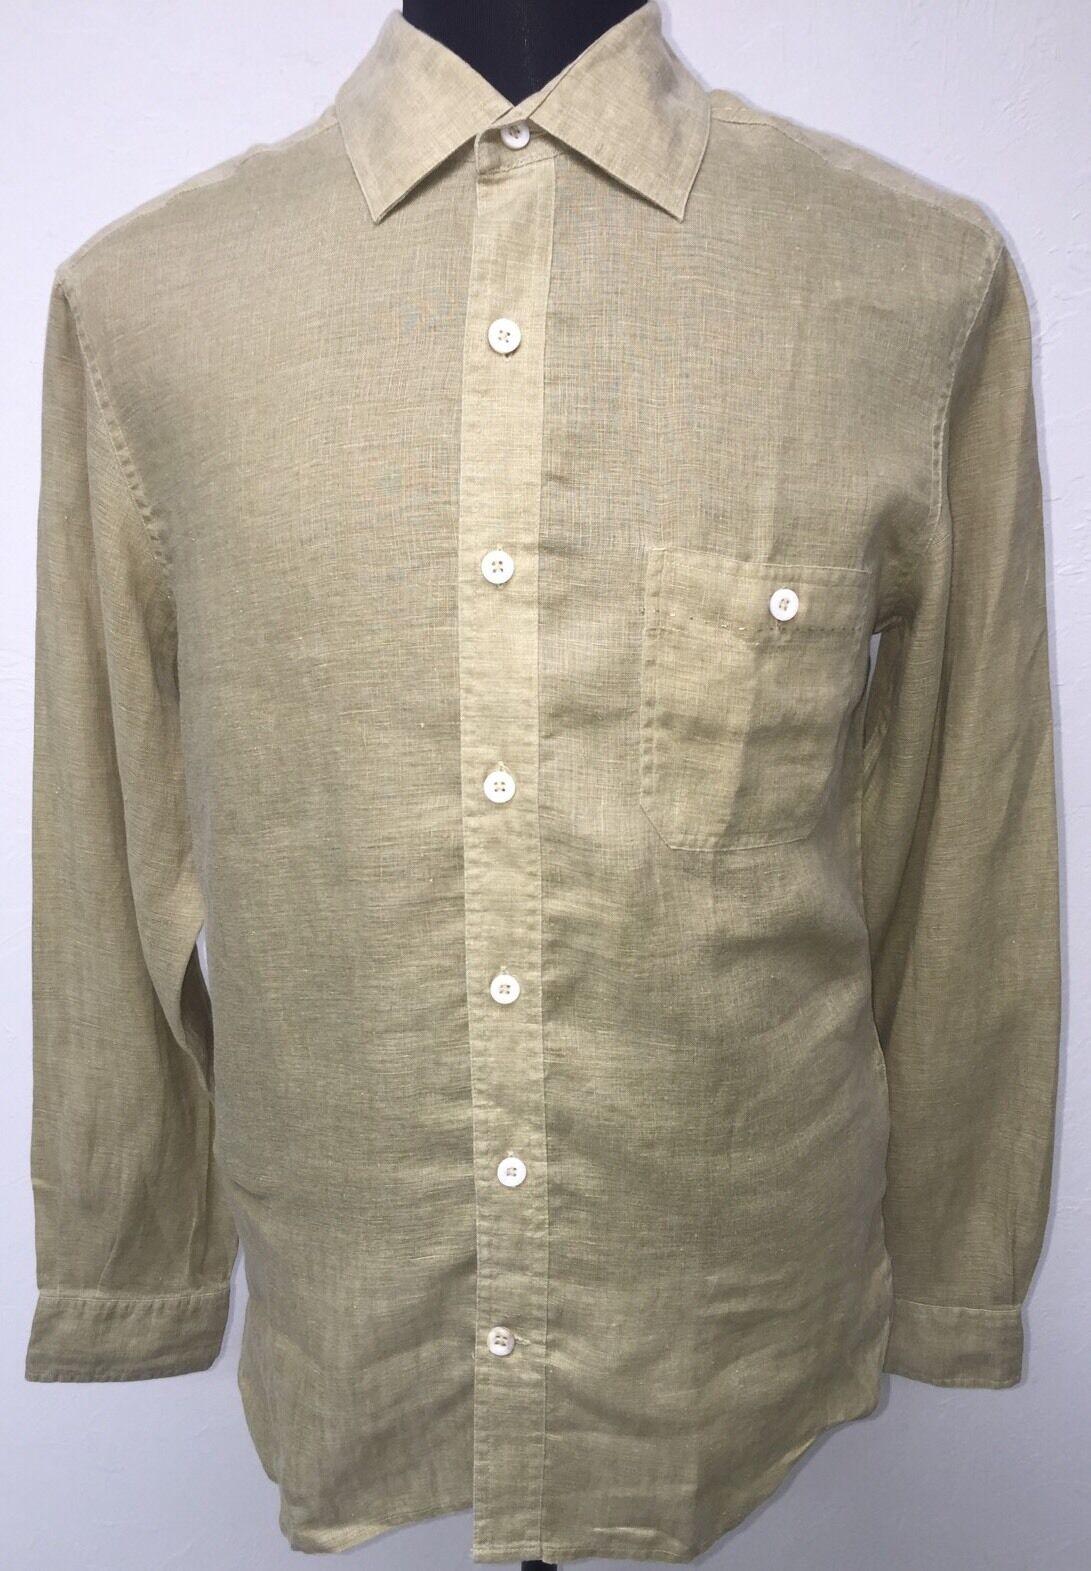 NAT NAST Linen Long Sleeve Shirt Size M Medium Green